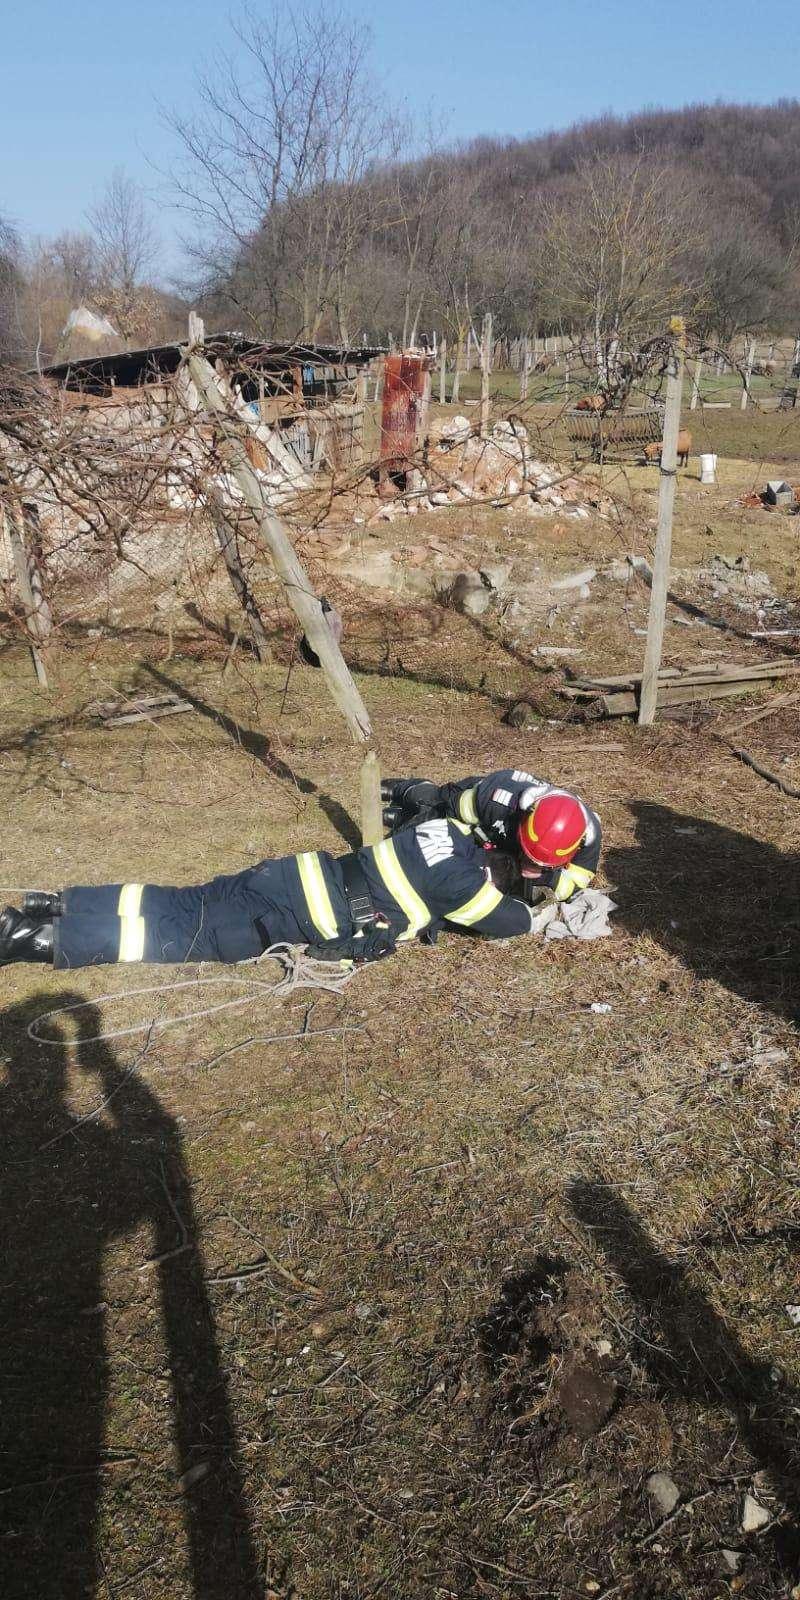 O altfel de intervenție! Se afla într-un puț dezafectat cu o adâncime de aproximativ 12 metri